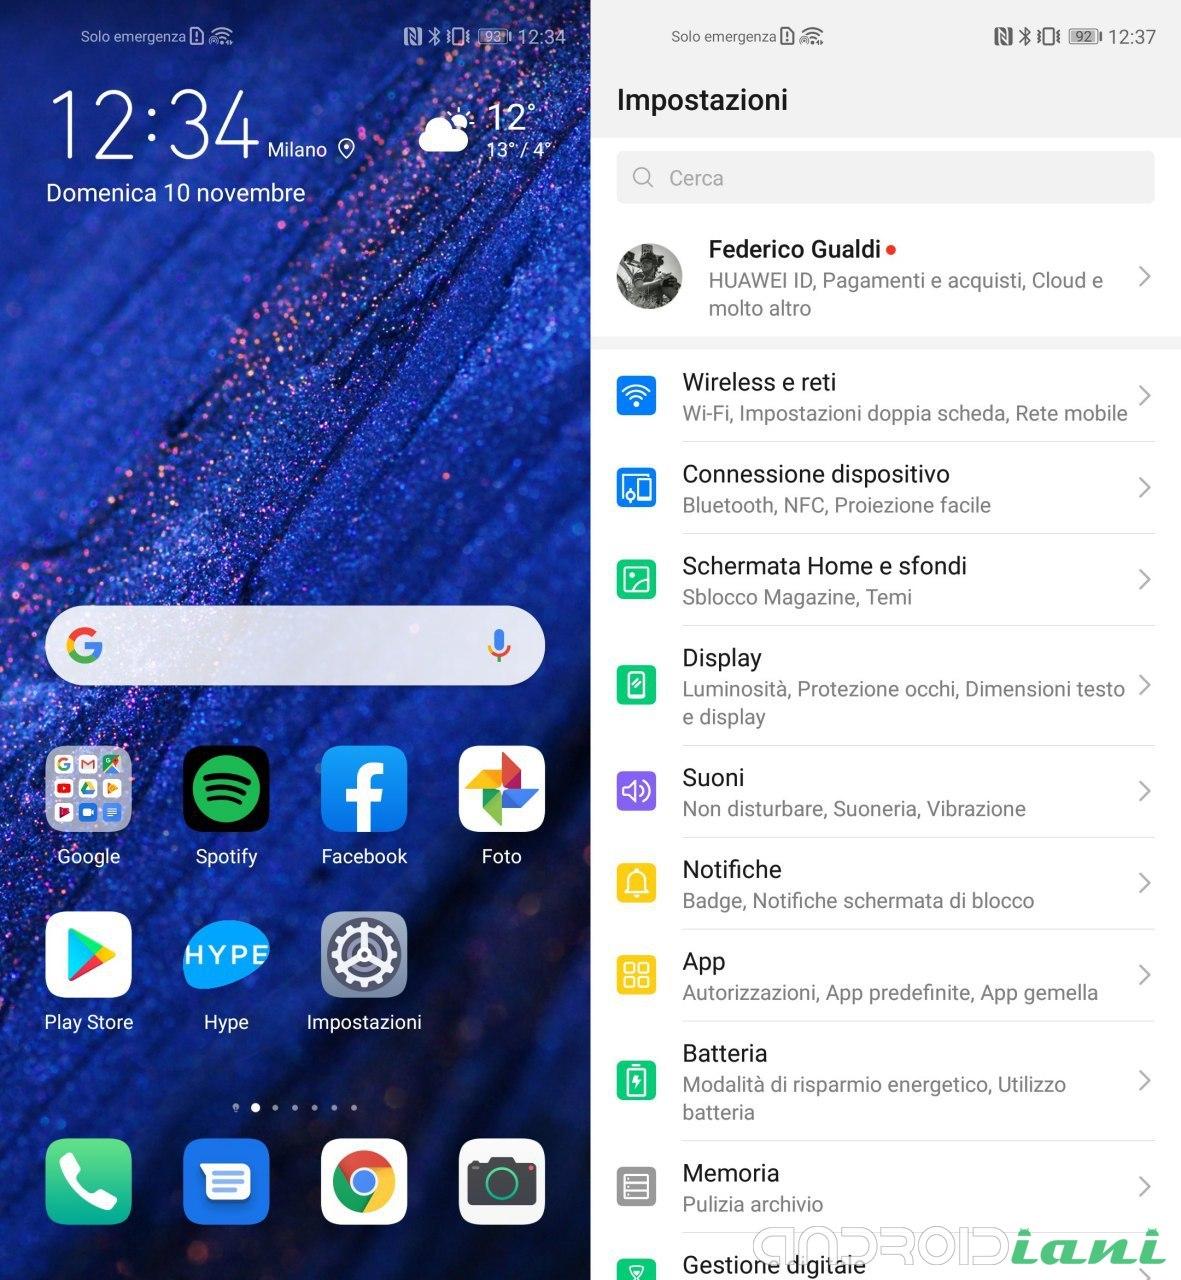 Huawei Nova 5T: النطاق المتوسط الذي يعتقد أنه الأفضل | مراجعة 9